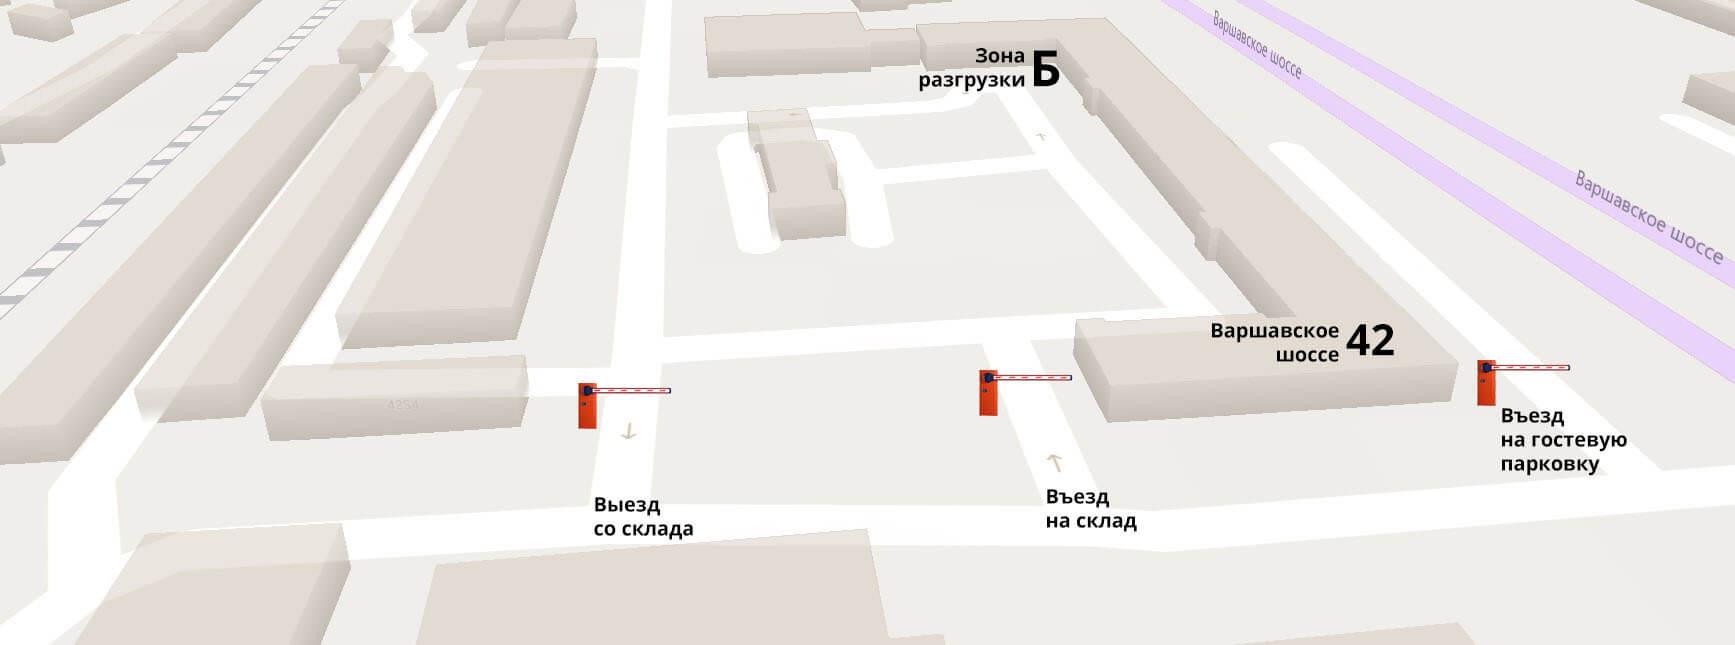 Схема проезда в офис и на склад RIWA